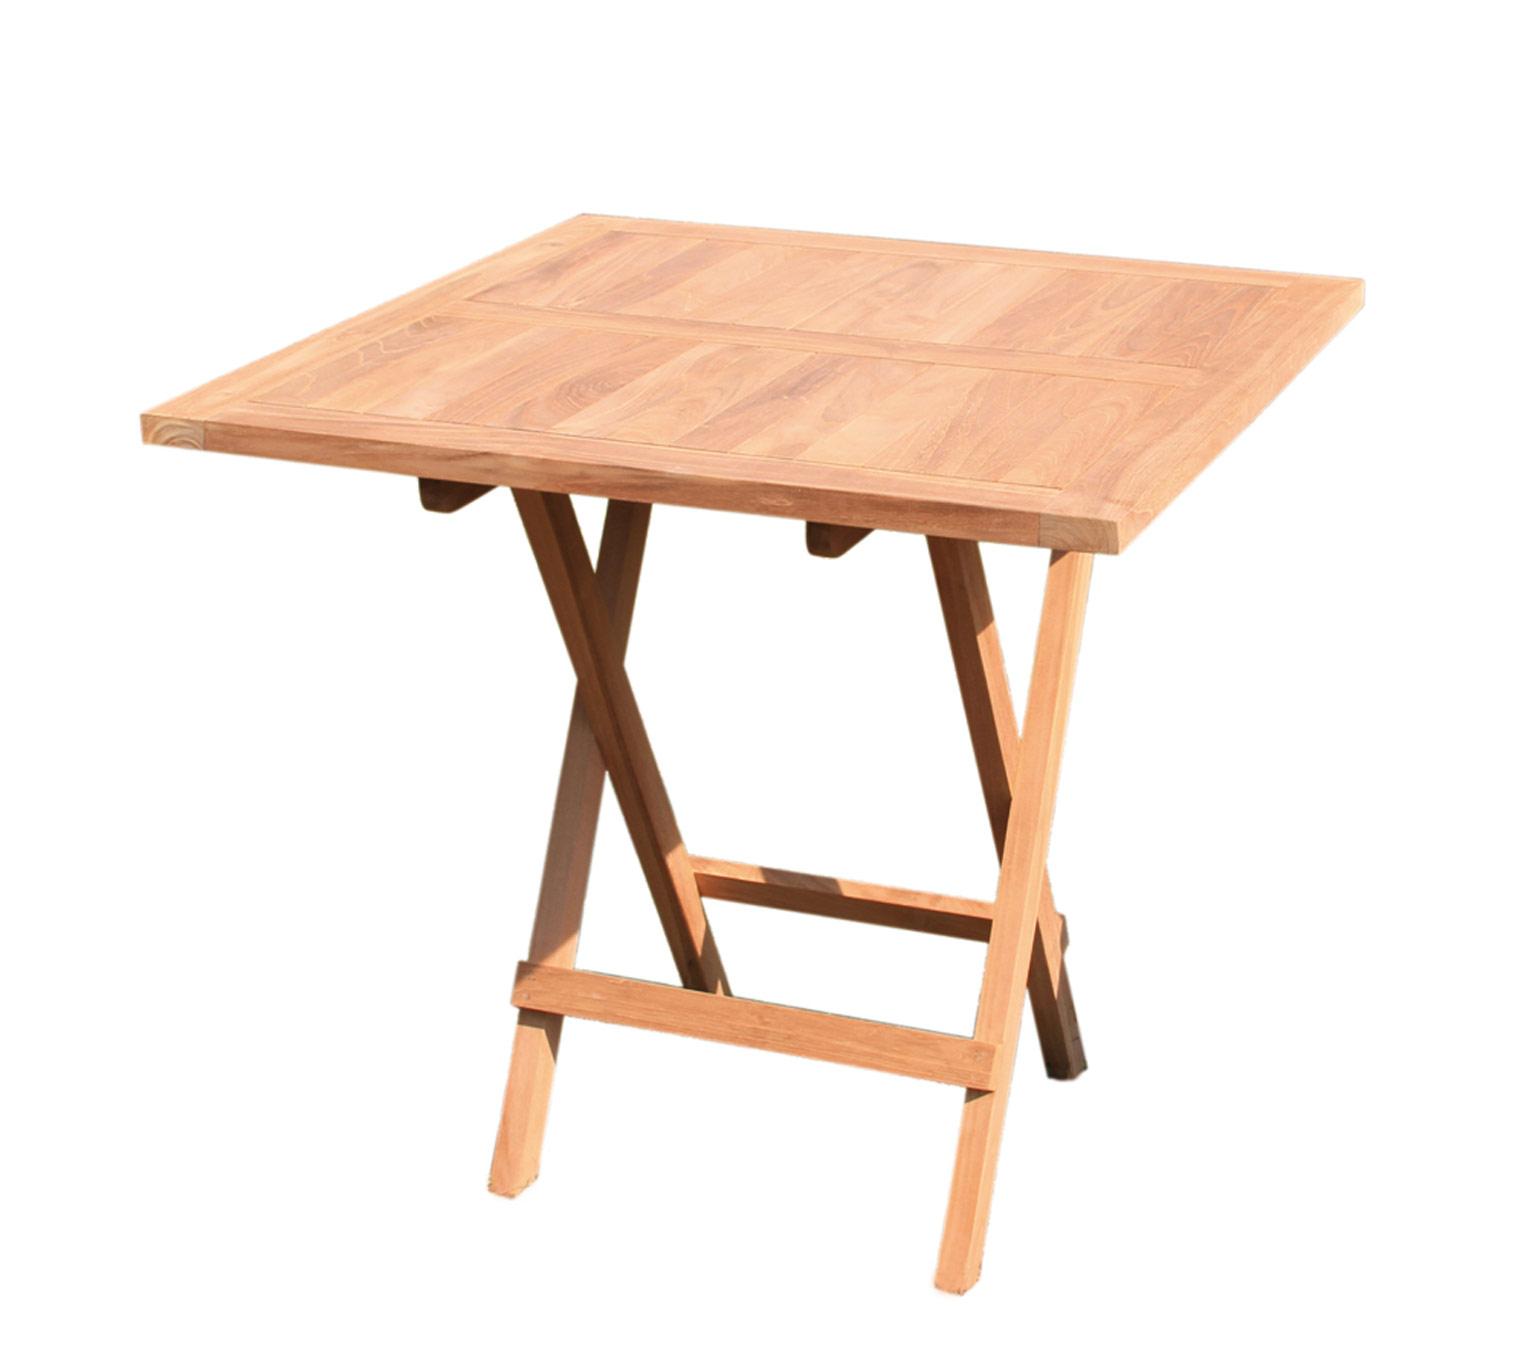 Gartentisch zum klappen schaffner zum klappen with gartentisch zum klappen excellent amazing - Gartentisch zum klappen ...